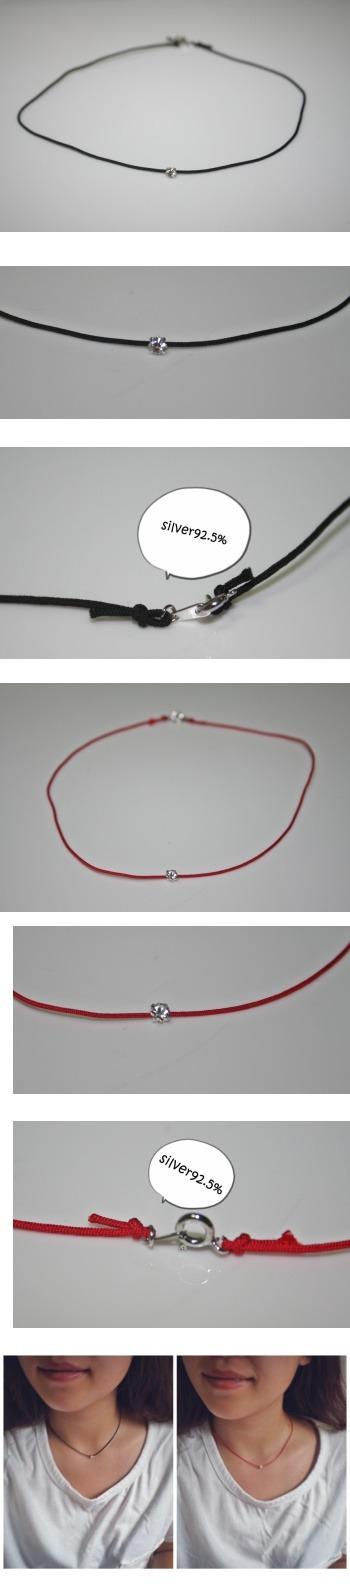 실크목걸이 - 오이수공예, 15,000원, 패션, 패션목걸이